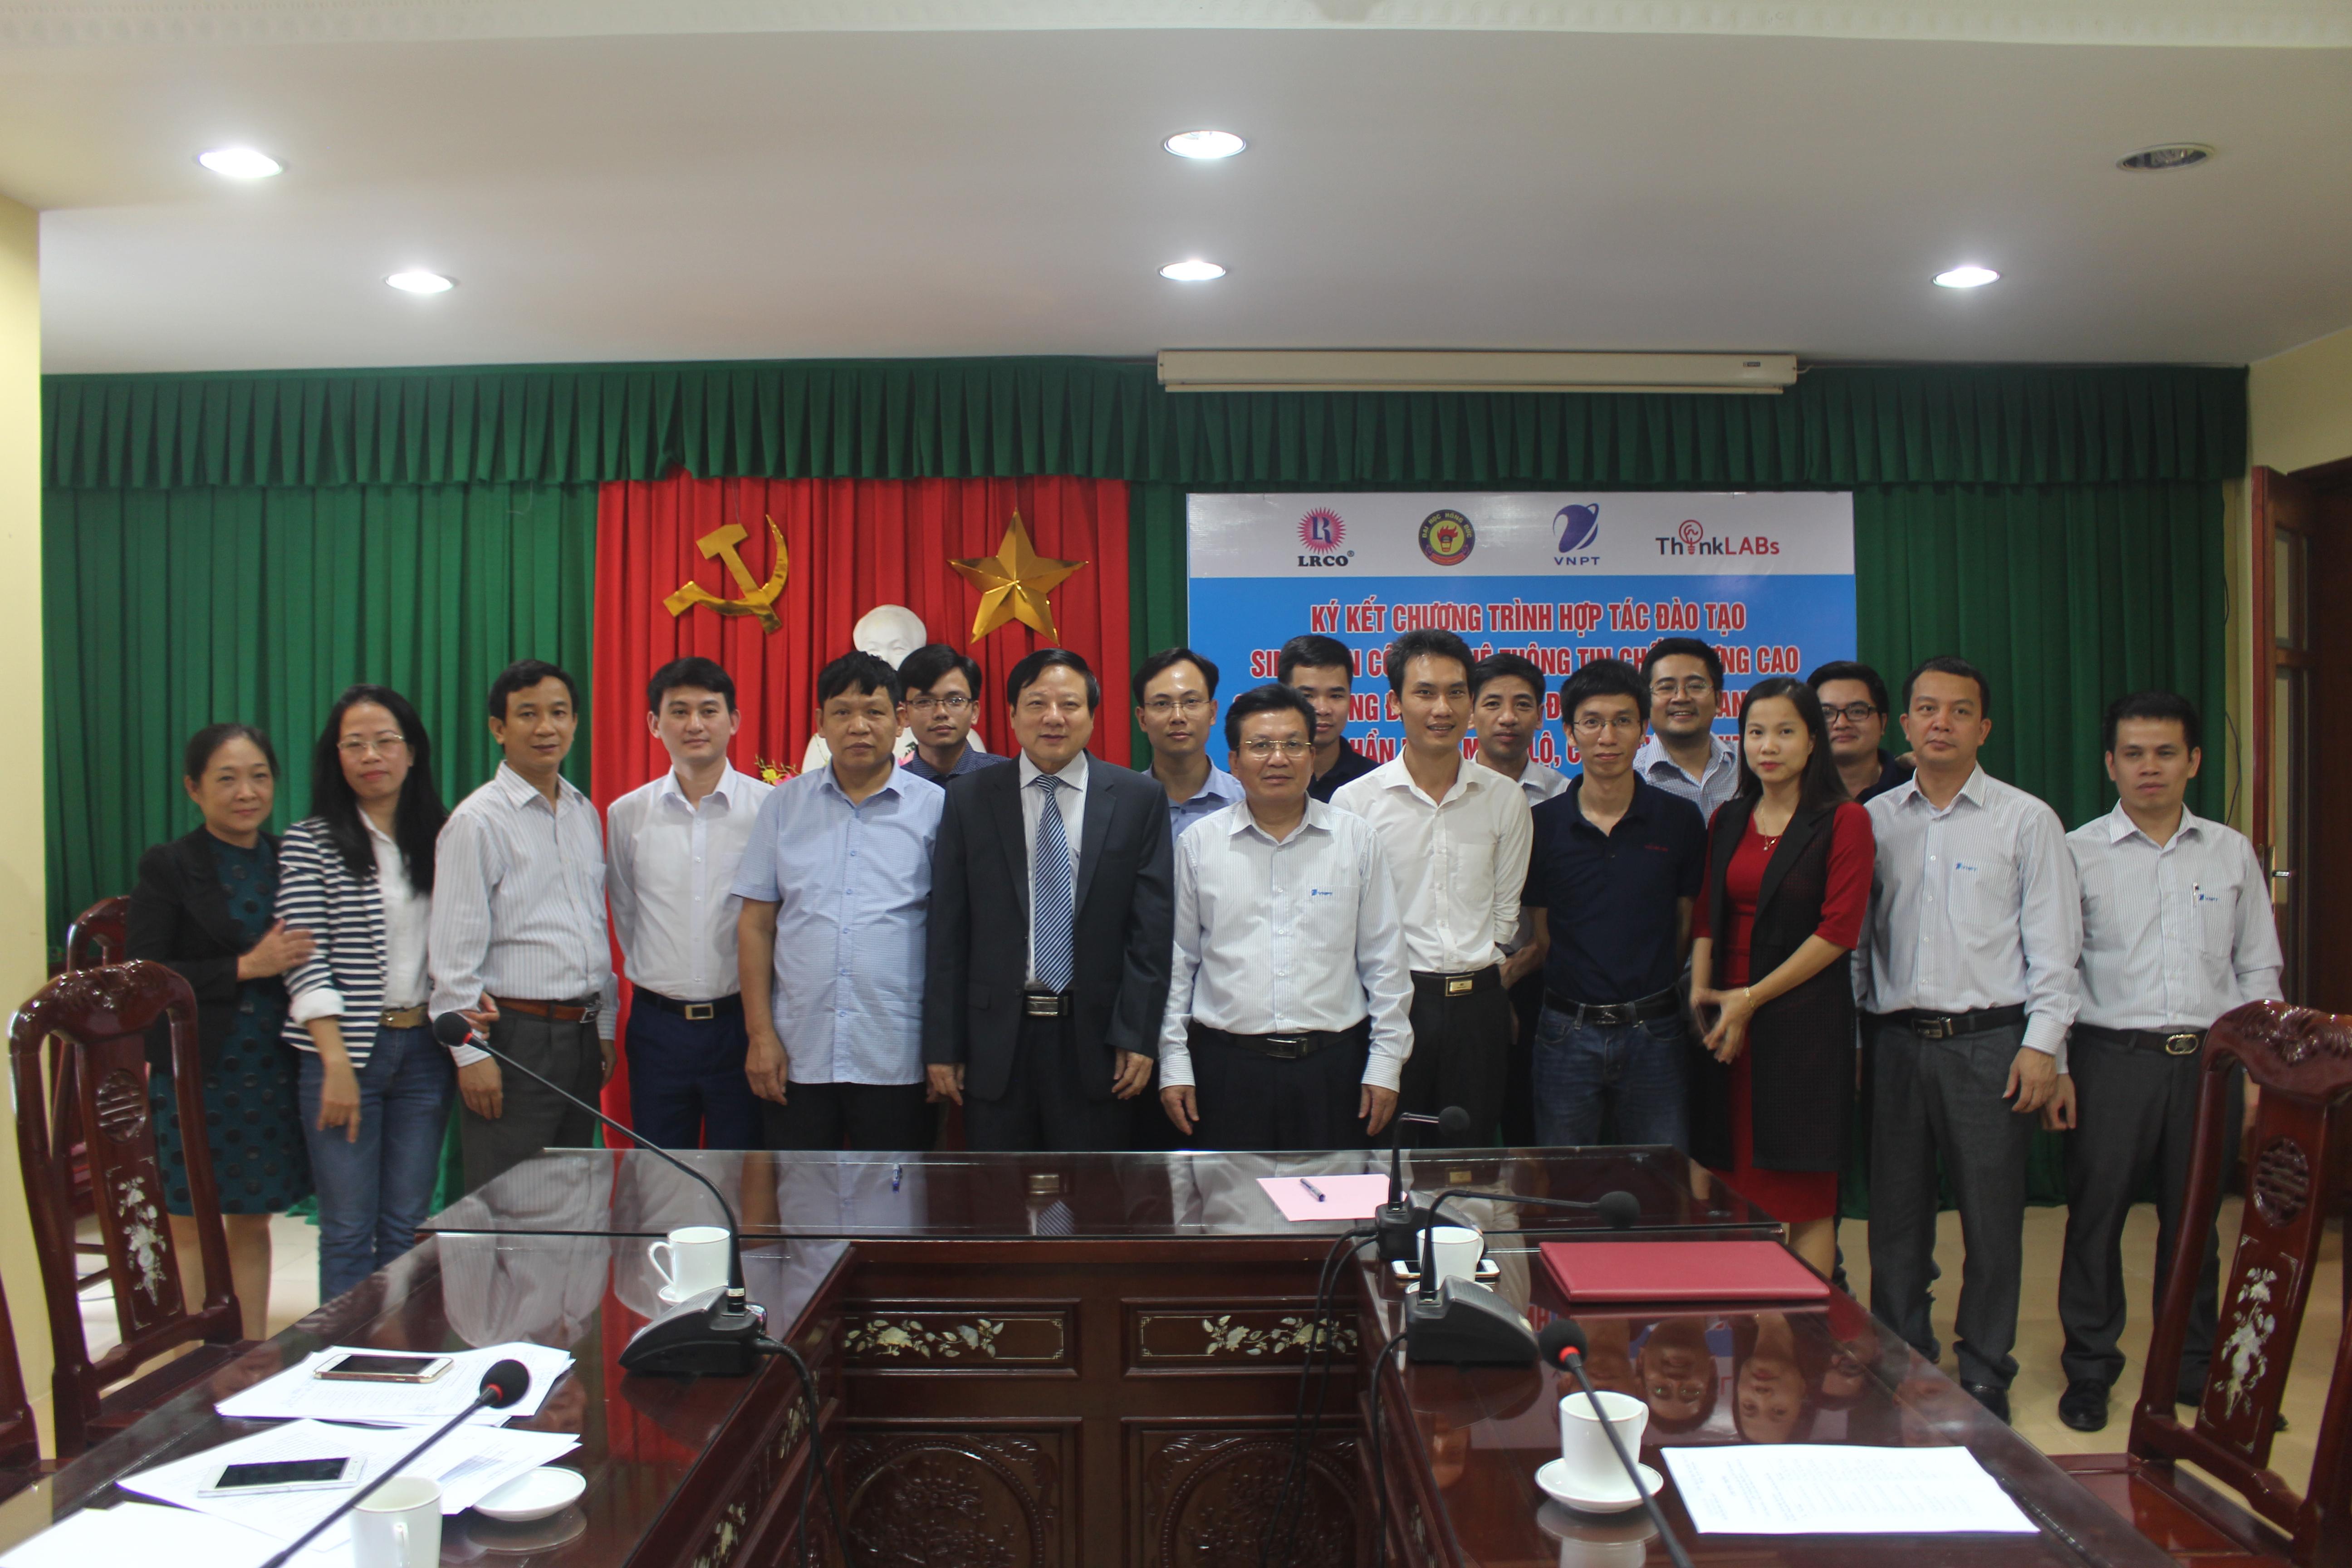 Lễ ký kết chương trình hợp tác đào tạo sinh viên  công nghệ thông tin (CNTT) chất lượng cao